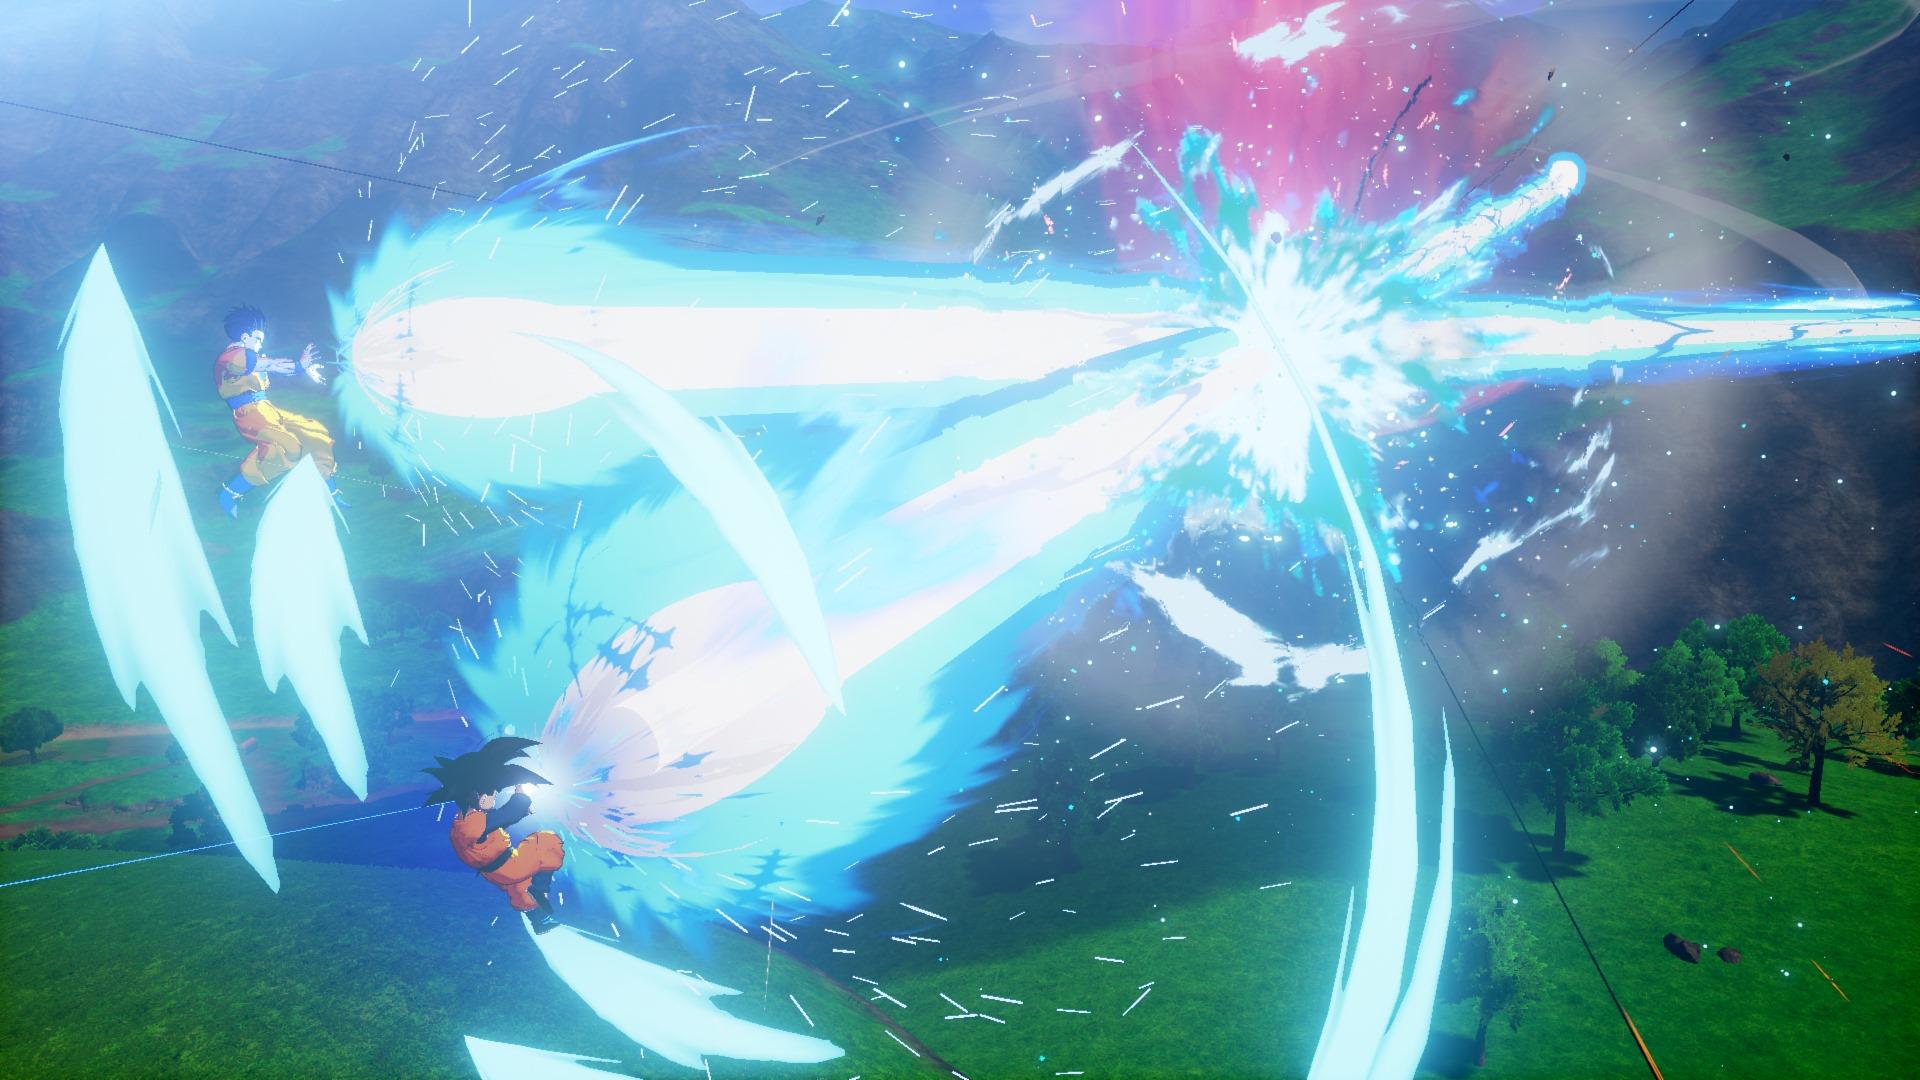 《龙珠Z:卡卡罗特》新截图 悟天人造人18号登场